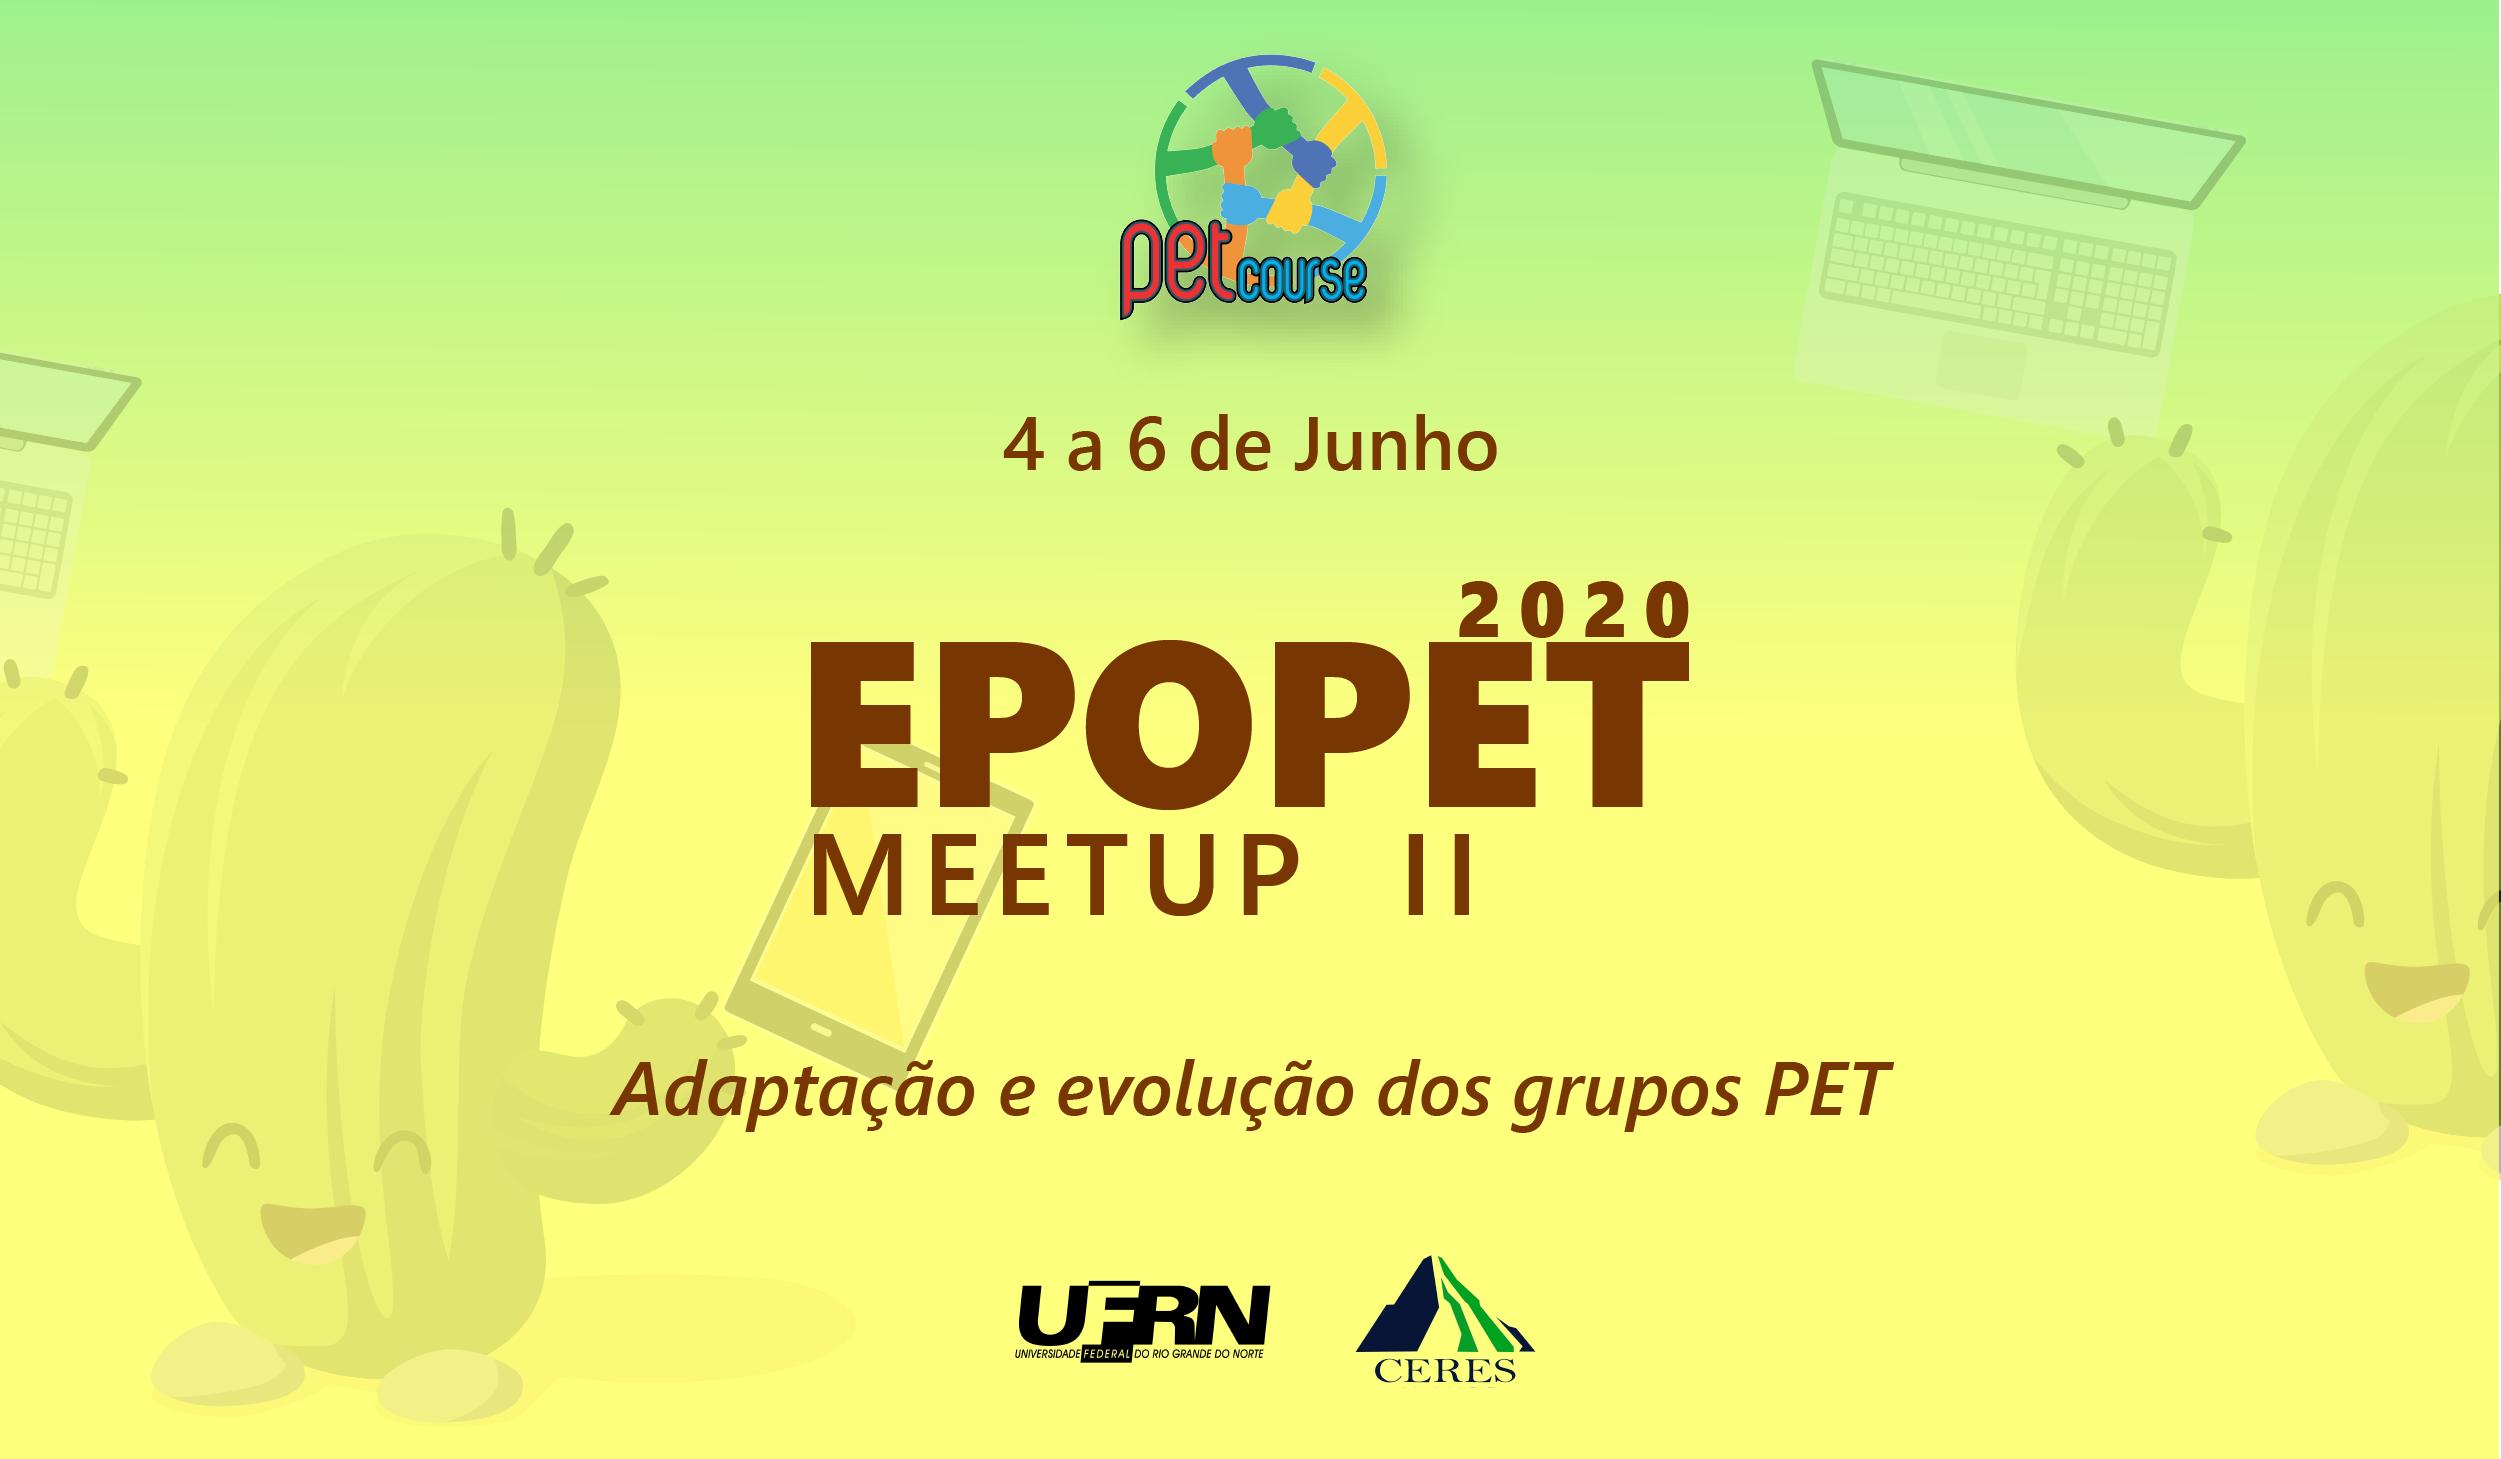 EPOPET MeetUp - Encontro Potiguar dos Grupos PET 2020 - Parte 2